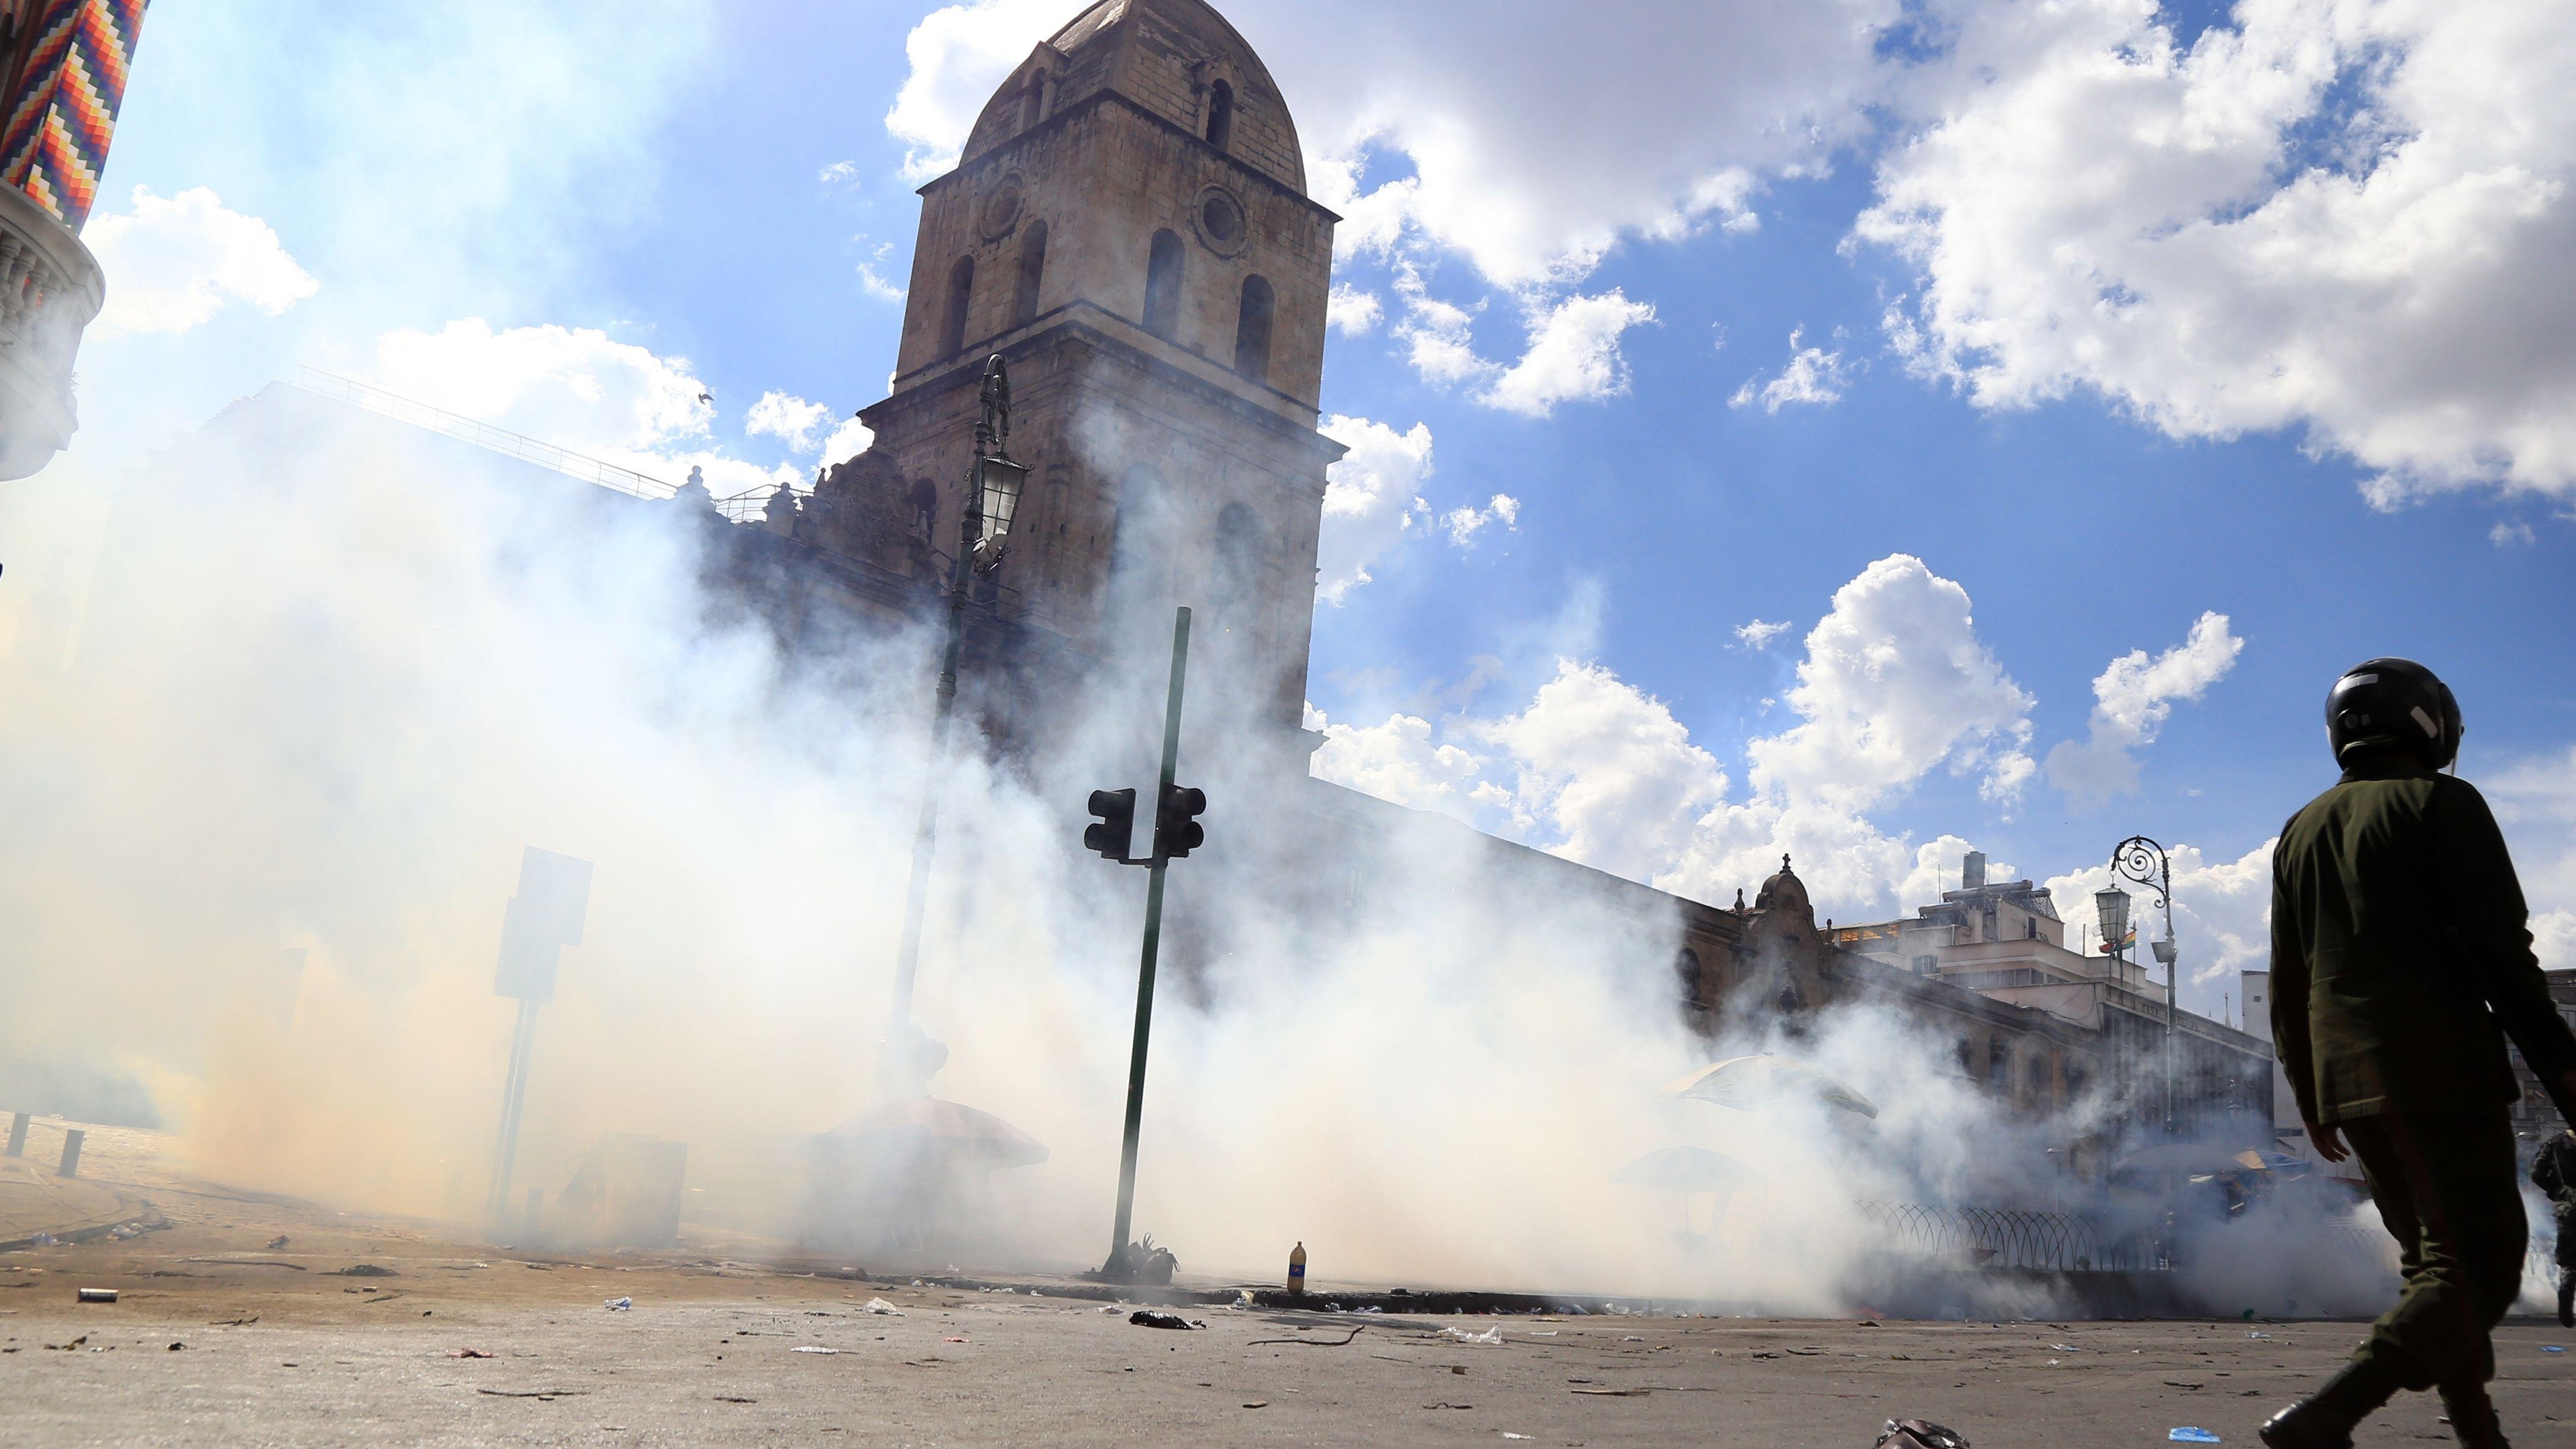 Proteste in Bolivien mit Rauch vor dem Gerichtsgebäude